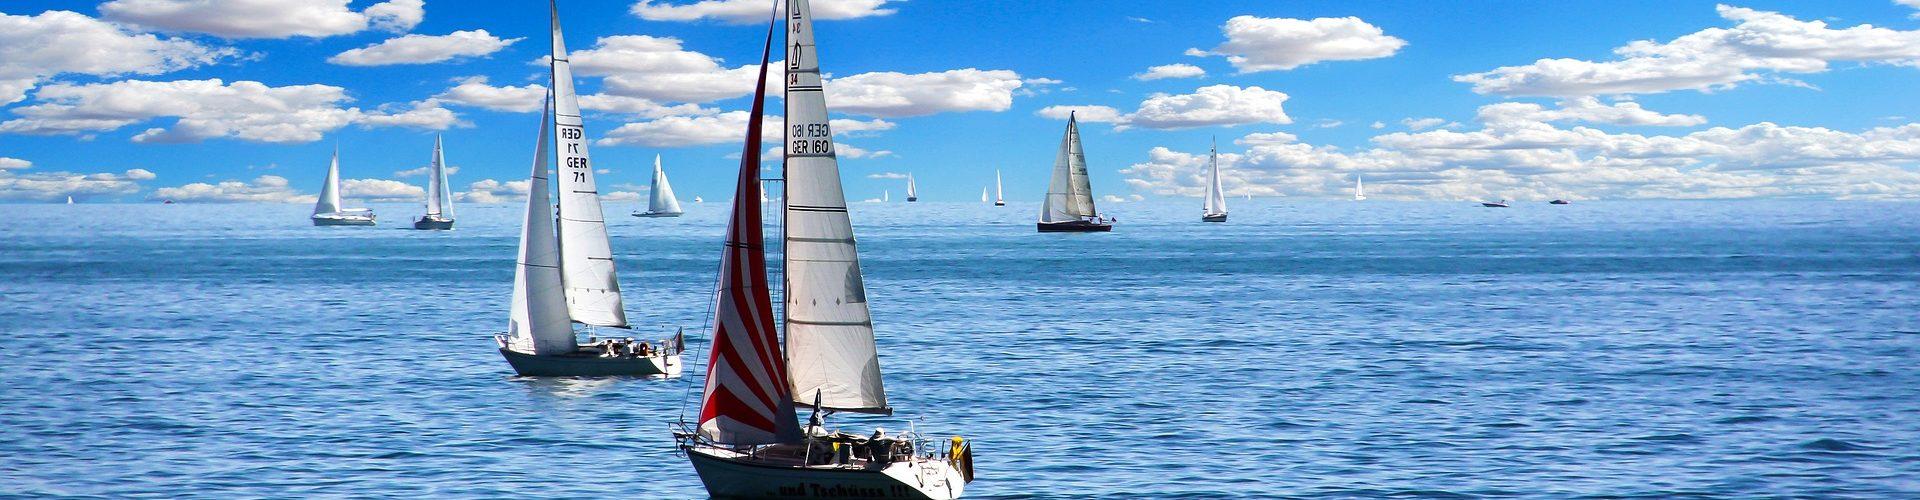 segeln lernen in Hadamar segelschein machen in Hadamar 1920x500 - Segeln lernen in Hadamar